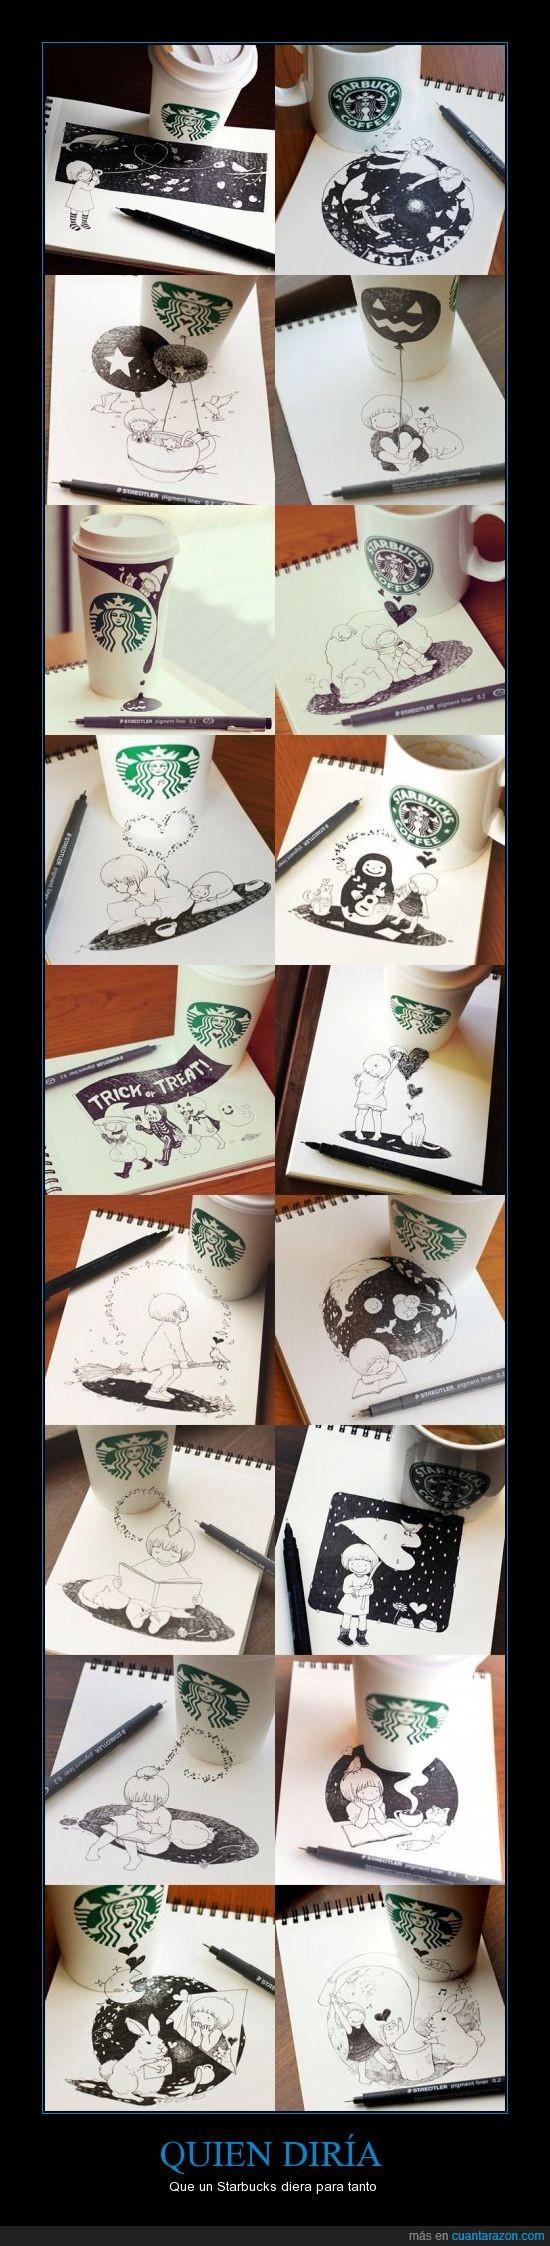 arte,bolígrafo staedler,consomé de almejas,dibujos,si; esta es la cafetería donde van los hipsters iDiots con sus iMacs y iPhones,staburcks